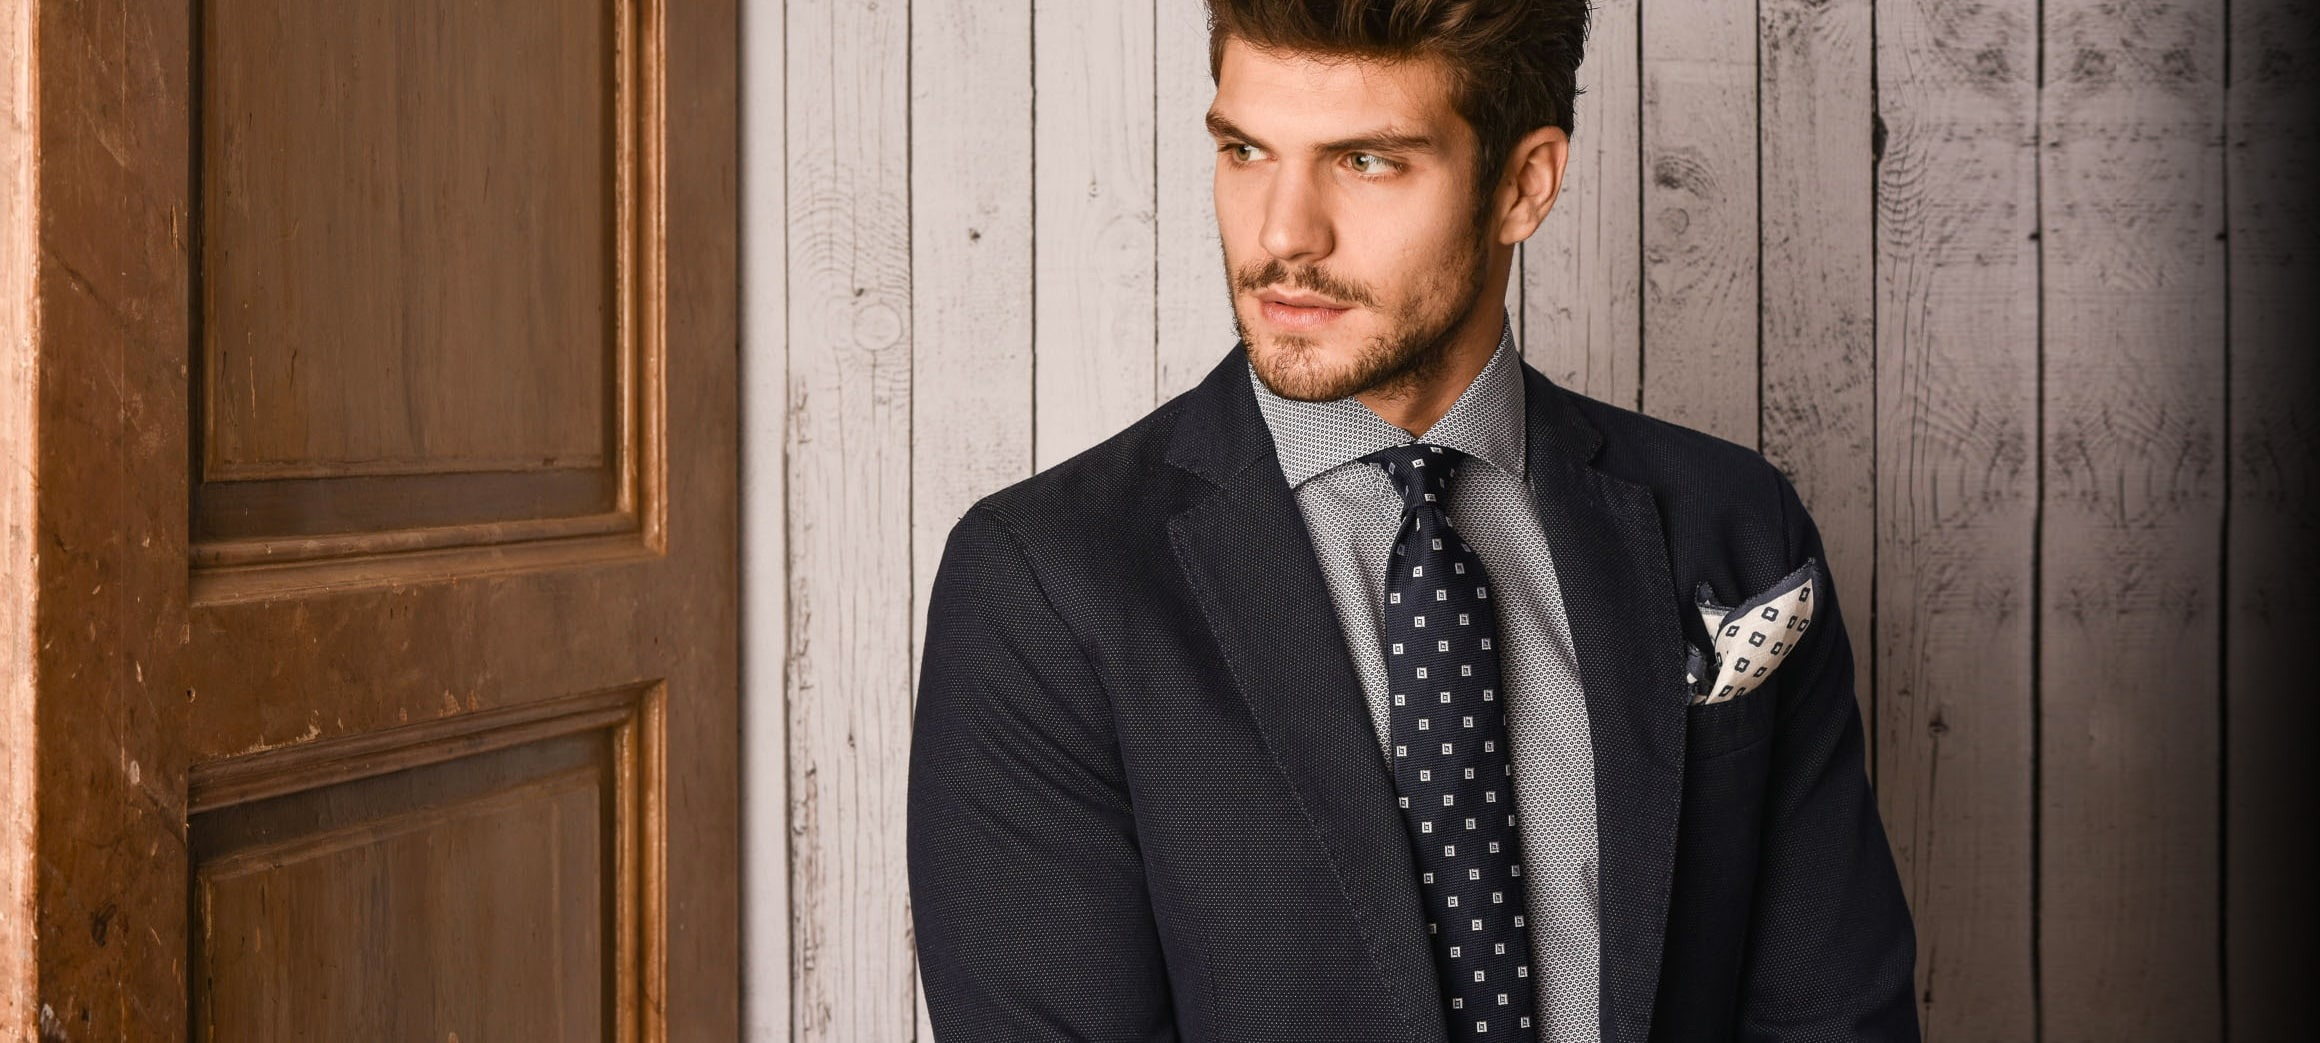 vari stili cerca ufficiale grande selezione del 2019 Come mettere la cravatta: tipologie di nodi e come farli